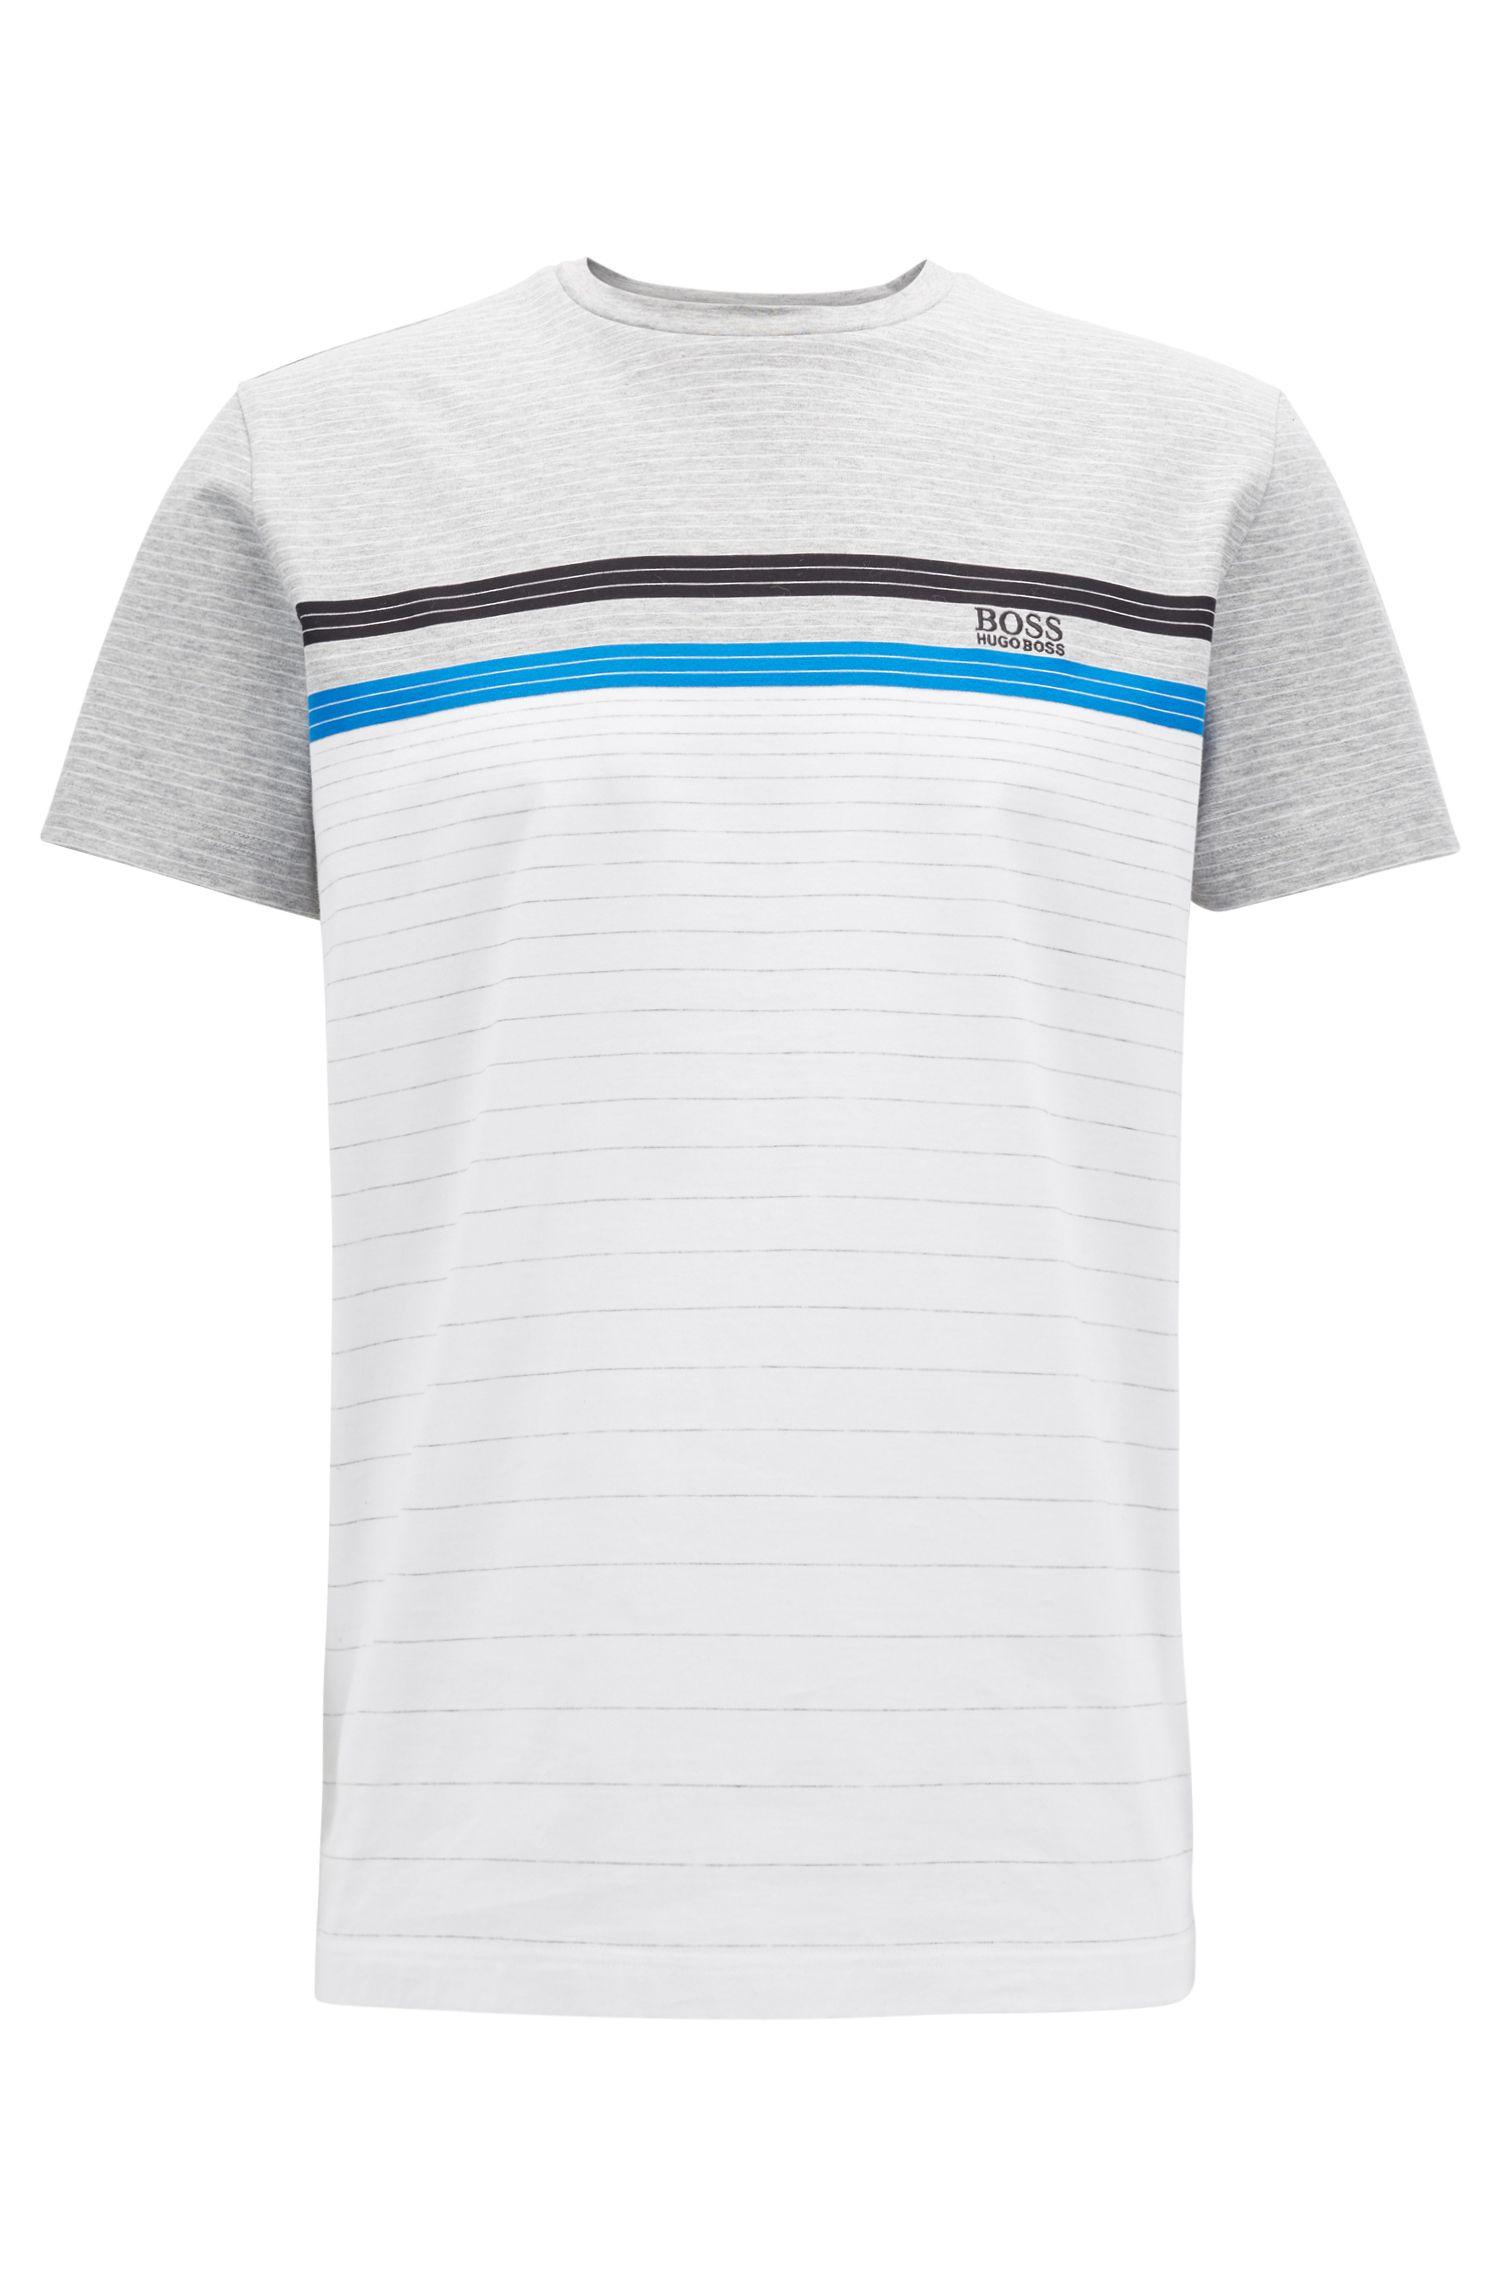 Multi-colored stripe T-shirt in mercerized cotton, White